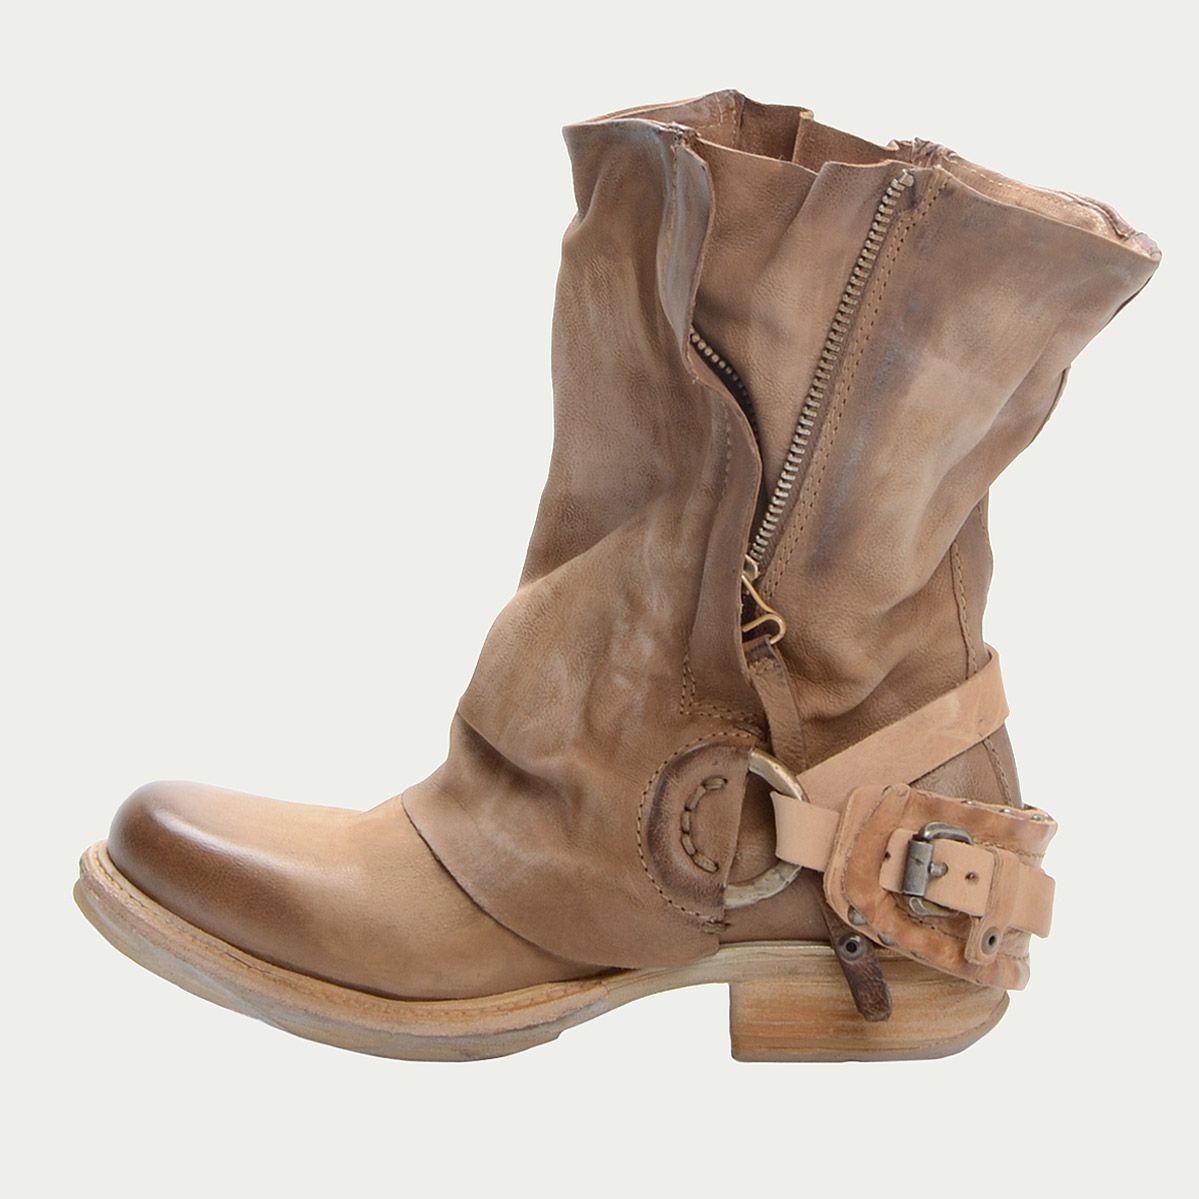 Details | Shoes, Shoes, Shoes | Schuh stiefel, Mädchen